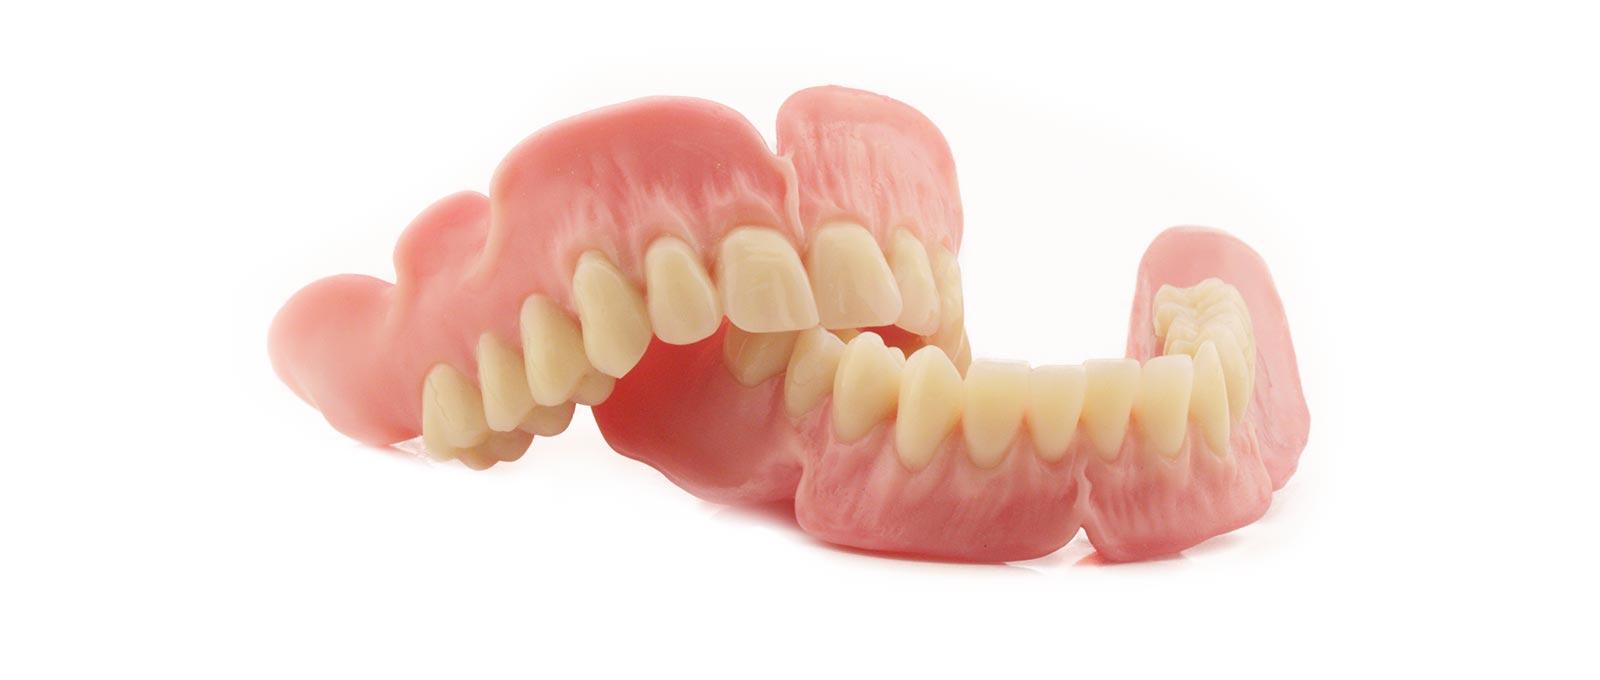 Anspruchsvolle Totalprothetik und Vollprothetik: Eine Totalprothese wie diese von Rißmann Zahntechnik ersetzt alle Zähne im zahnlosen Kiefer.